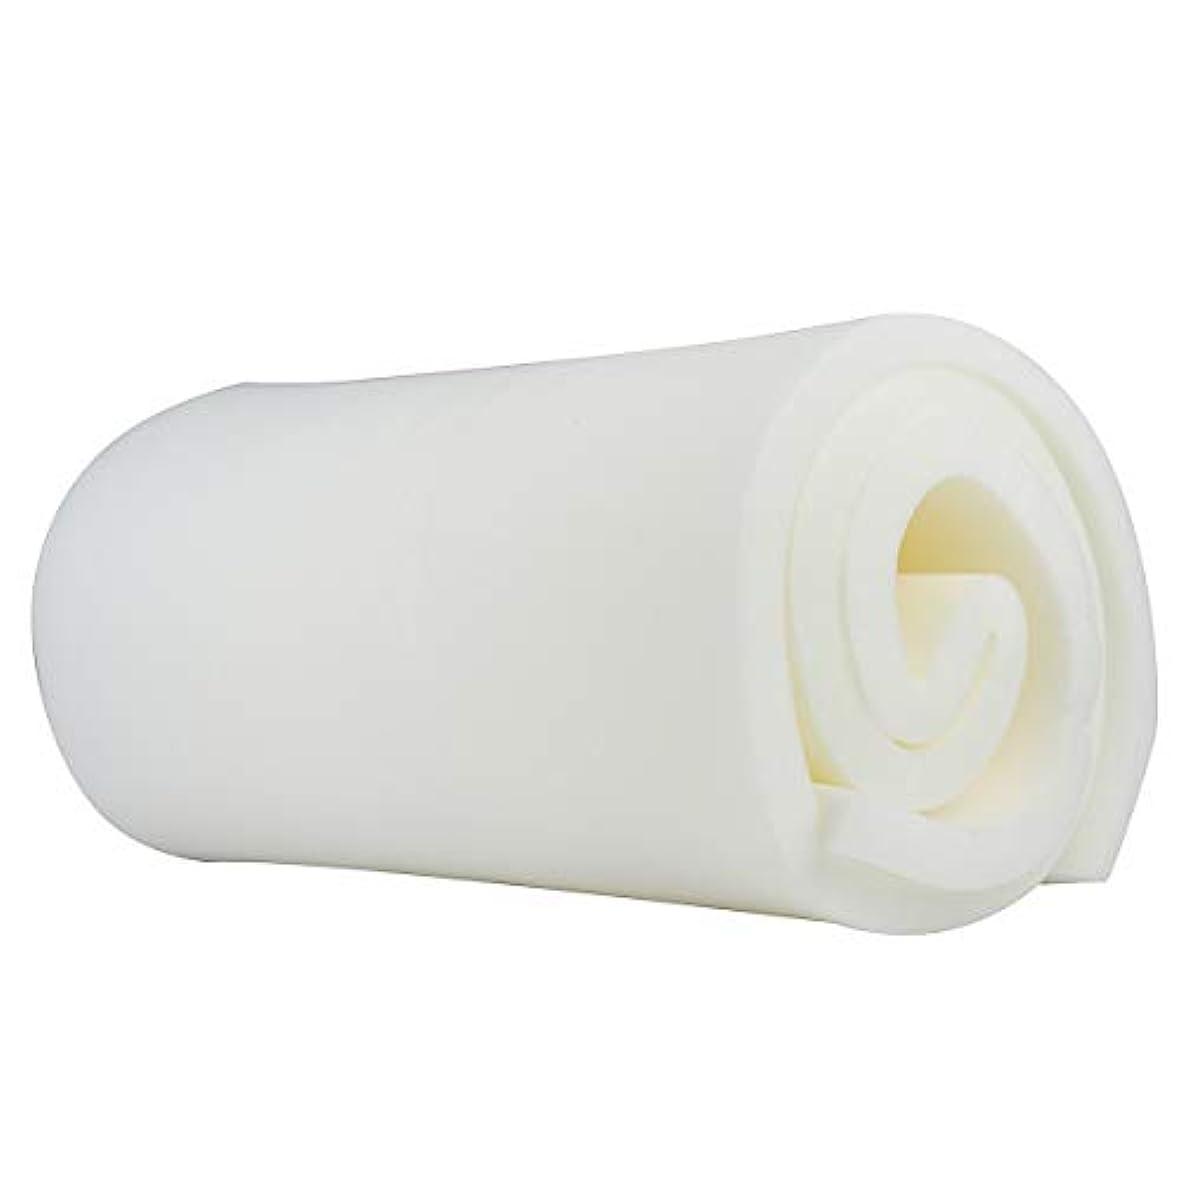 郵便物絶対にジュニアLIFE KIWARM 高密度シート発泡ゴム交換室内装飾クッションパッド長さ 2000 × 50 × 25 ミリメートル 2 色 クッション 椅子